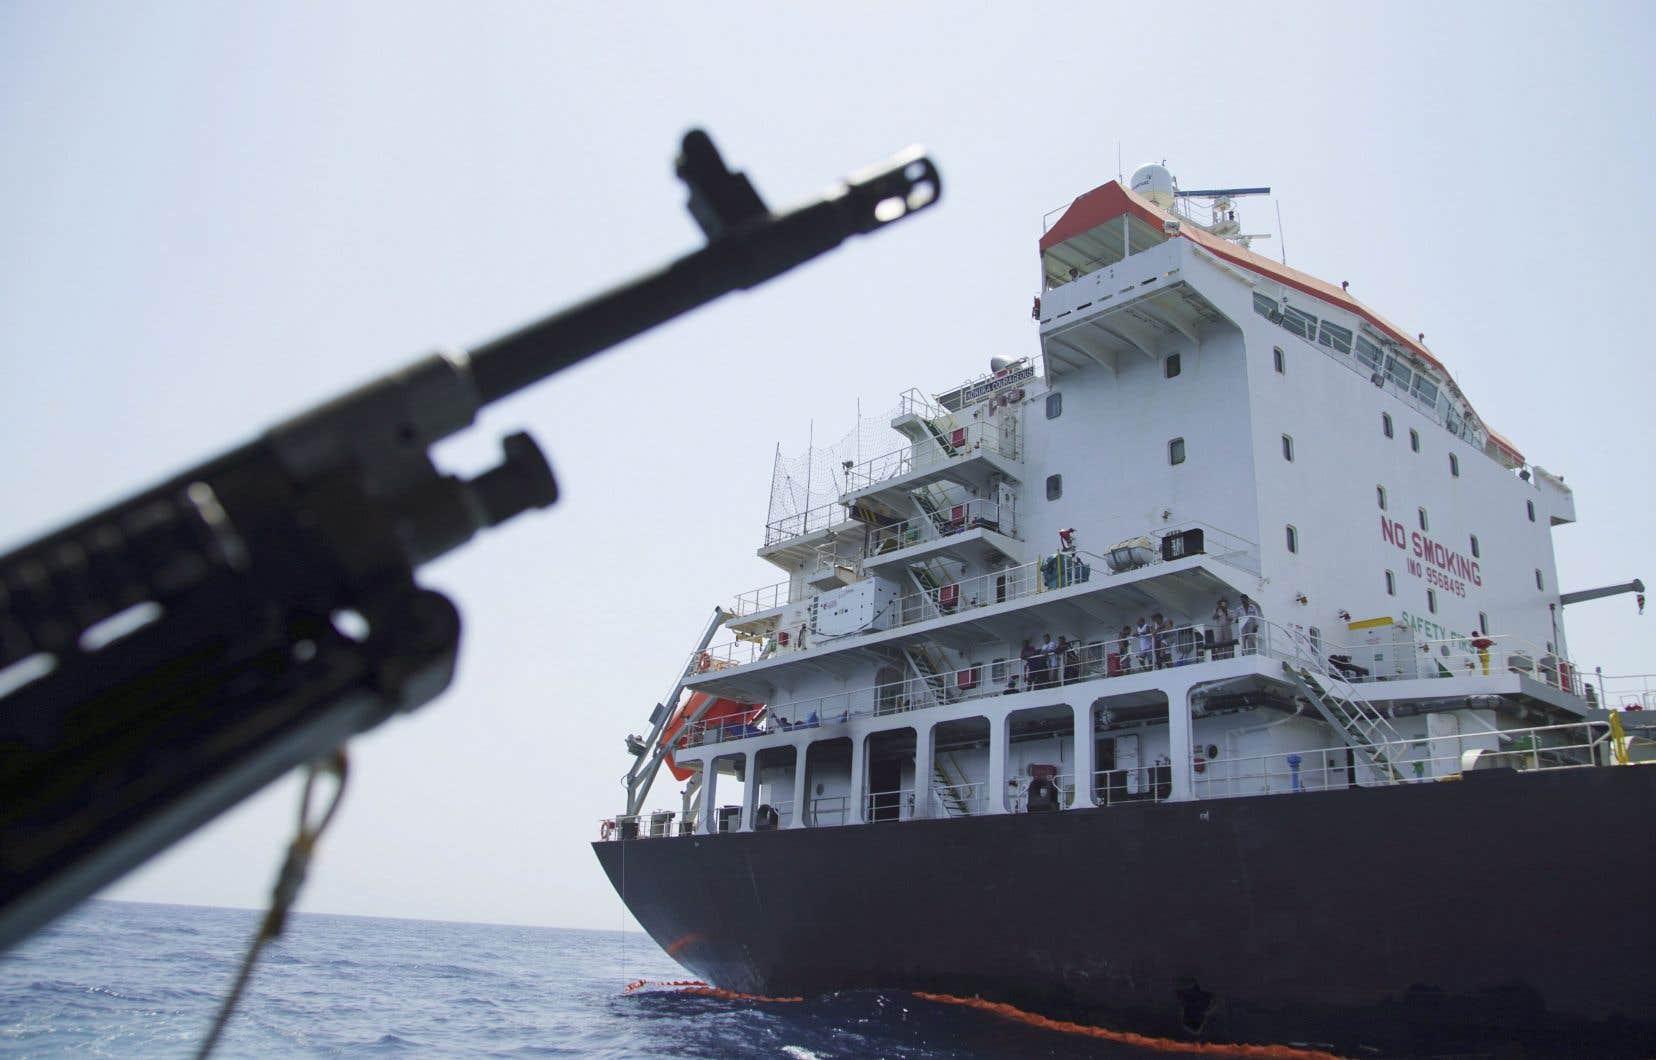 Les pétroliers seraient escortés par les nations sous le drapeau desquelles ils naviguent, comme l'a souhaité en juin le président Donald Trump.